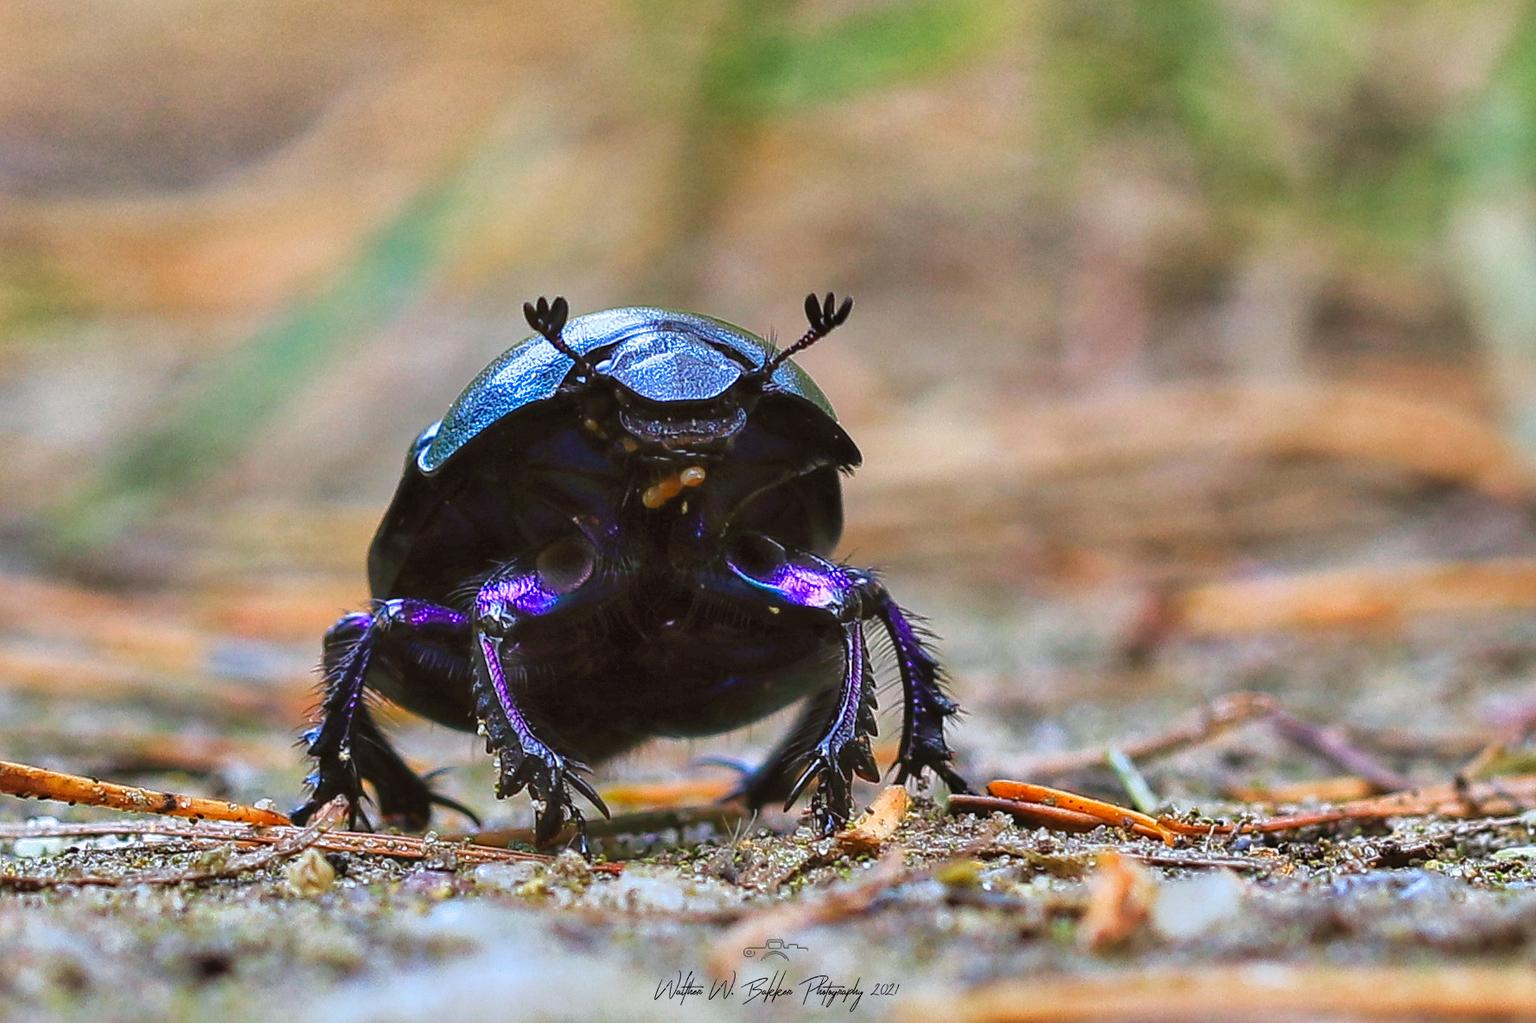 Mestkever - Leuke onderwerpen om te fotograferen. Ze zijn best wel snel, maar goed te doen met macro. En ze hebben prachtige kleuren wanneer de zon een beetje sc - foto door Waltherwb op 11-04-2021 - locatie: Veluwe, Nederland - deze foto bevat: #insecten, #mestkever, #macro, oog, geleedpotigen, insect, kever, terrestrische dieren, plaag, mestkever, brillen, decapoda, elektrisch blauw